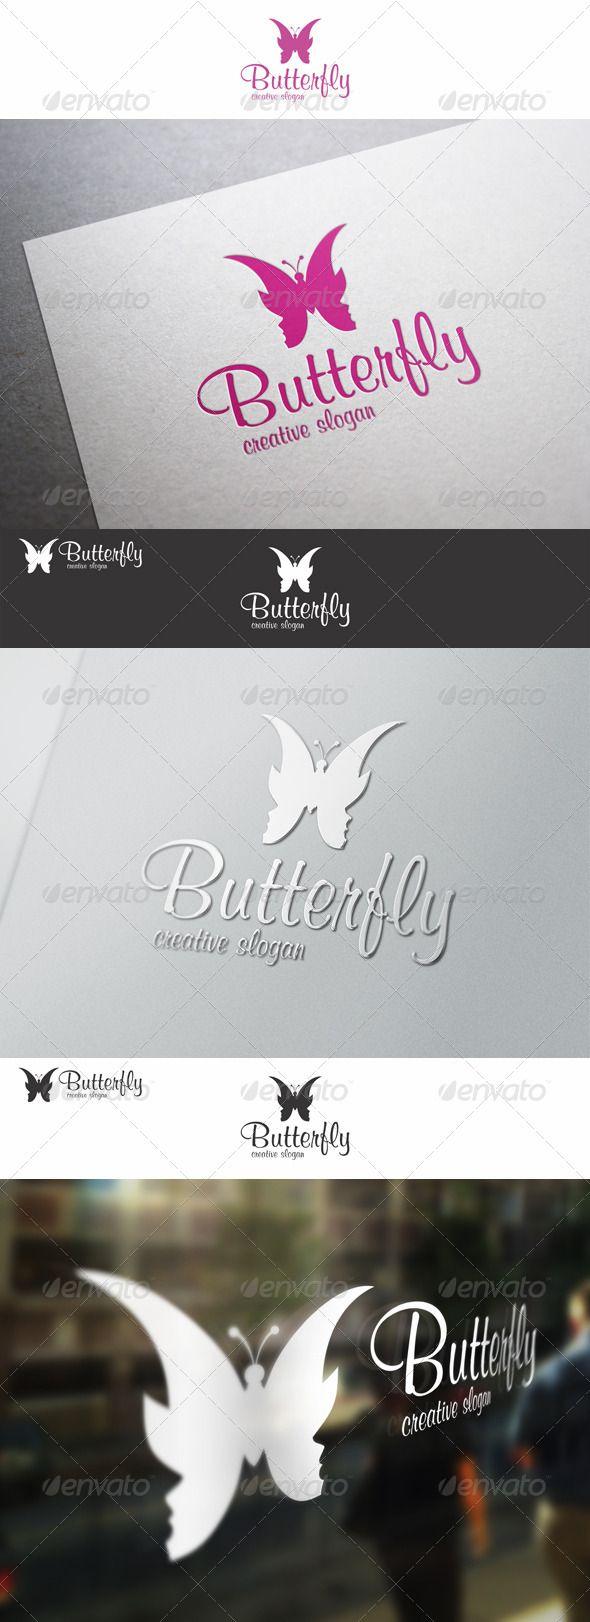 59 best logo images on pinterest branding design for 560 salon grand junction